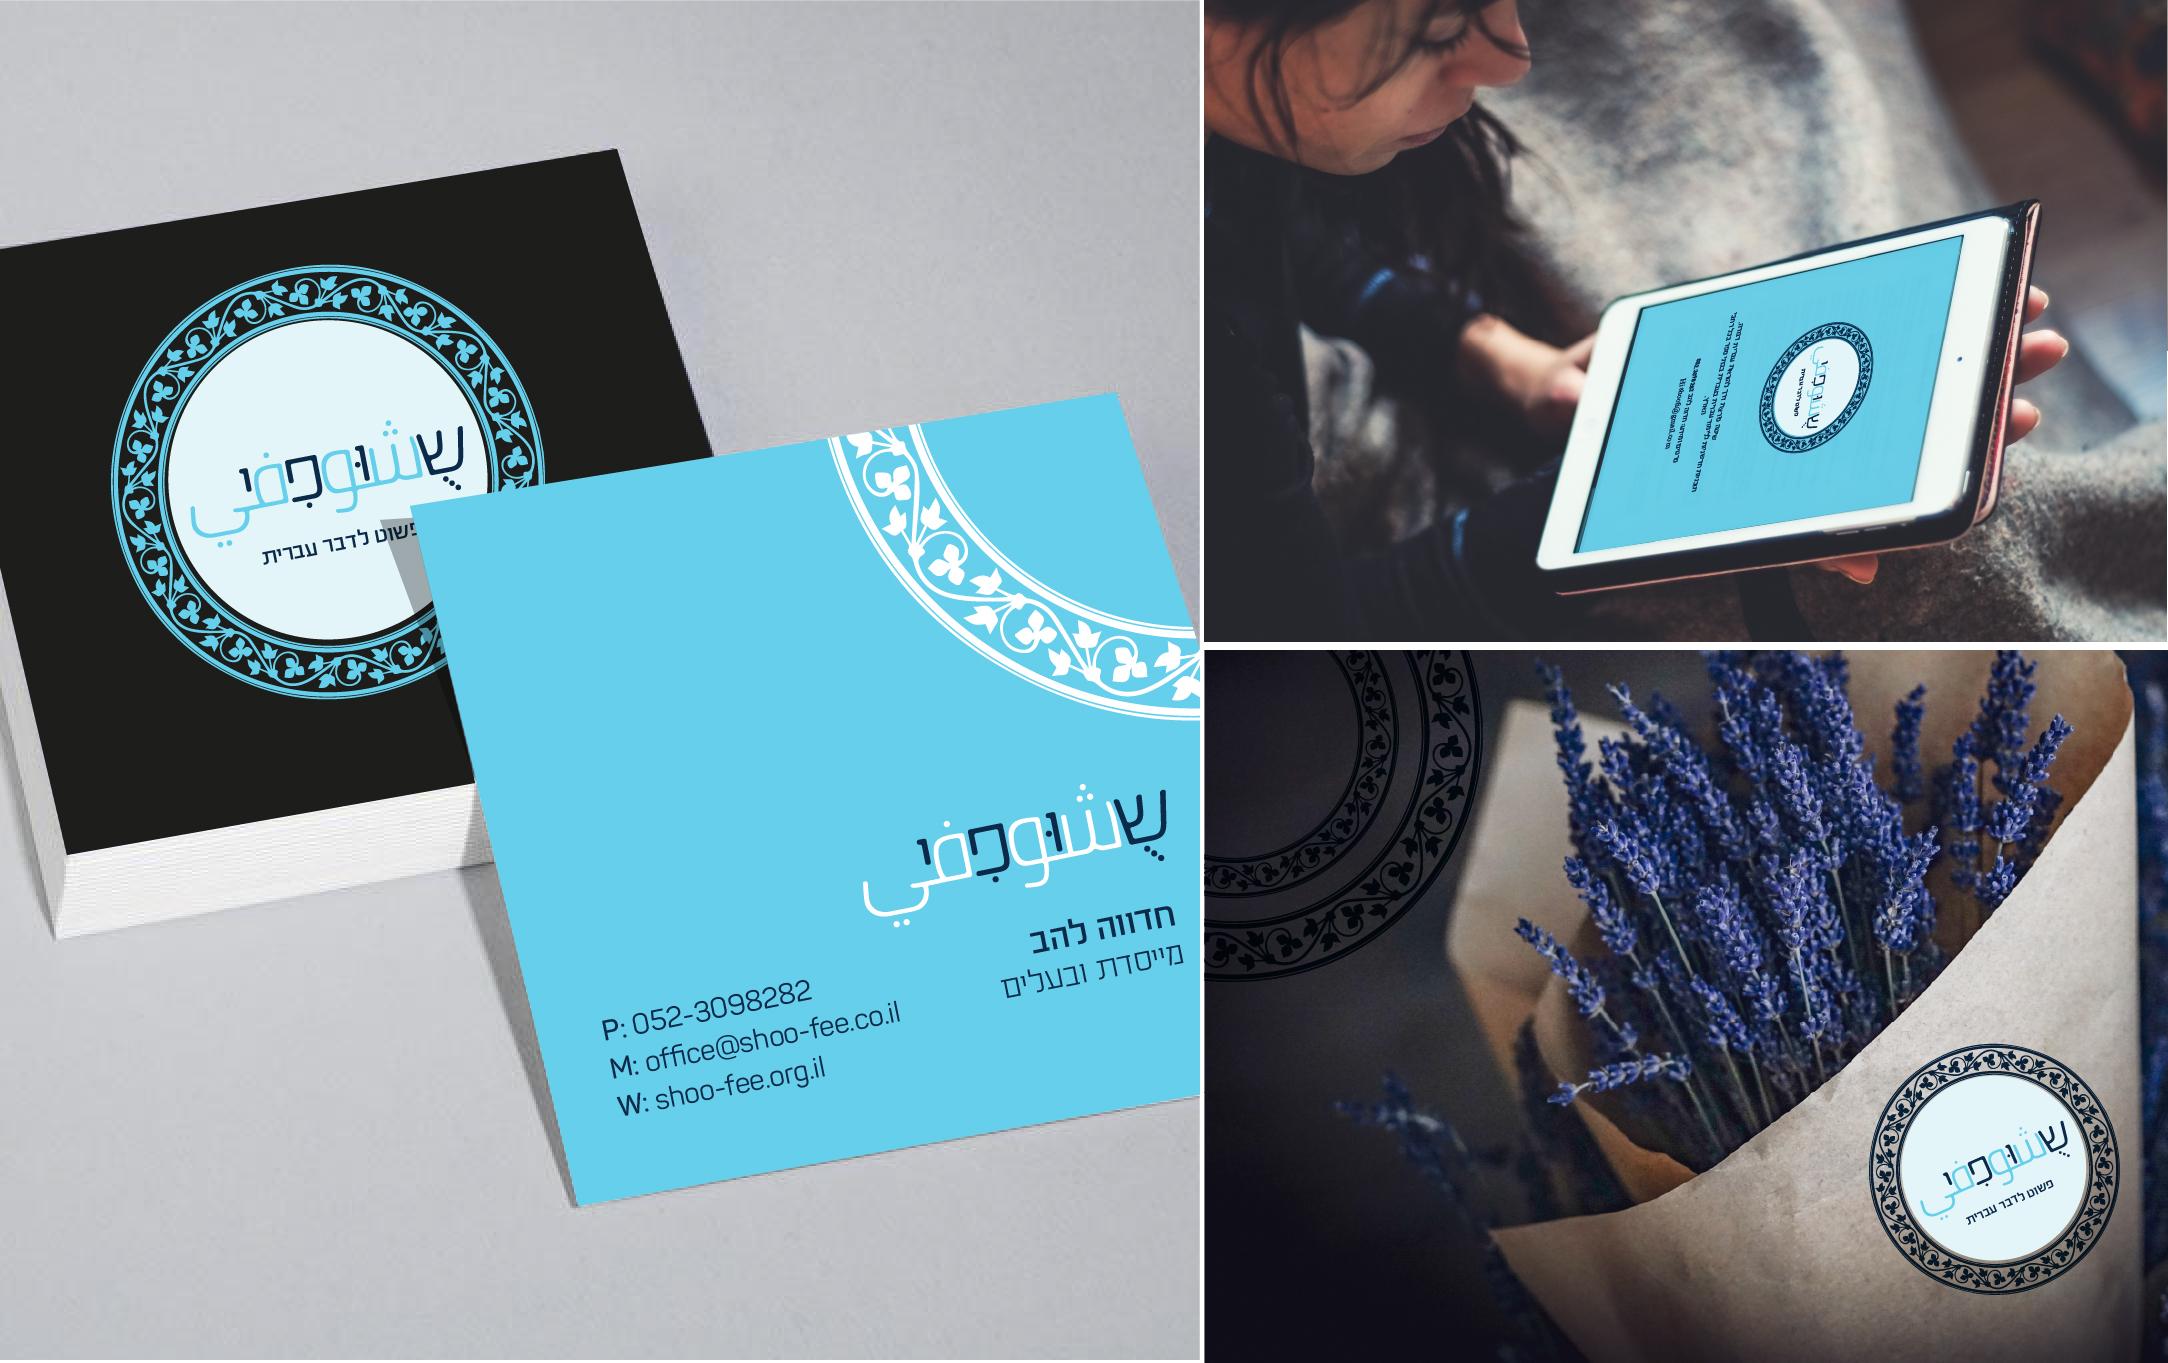 עיצוב לפרינט | עיצוב אתרים | עיצוב גרפי | עיצוב לפרינט | מיתוג | קריאיטיב | פיתוח שפה מיתוגית | Branding | NotFromHere